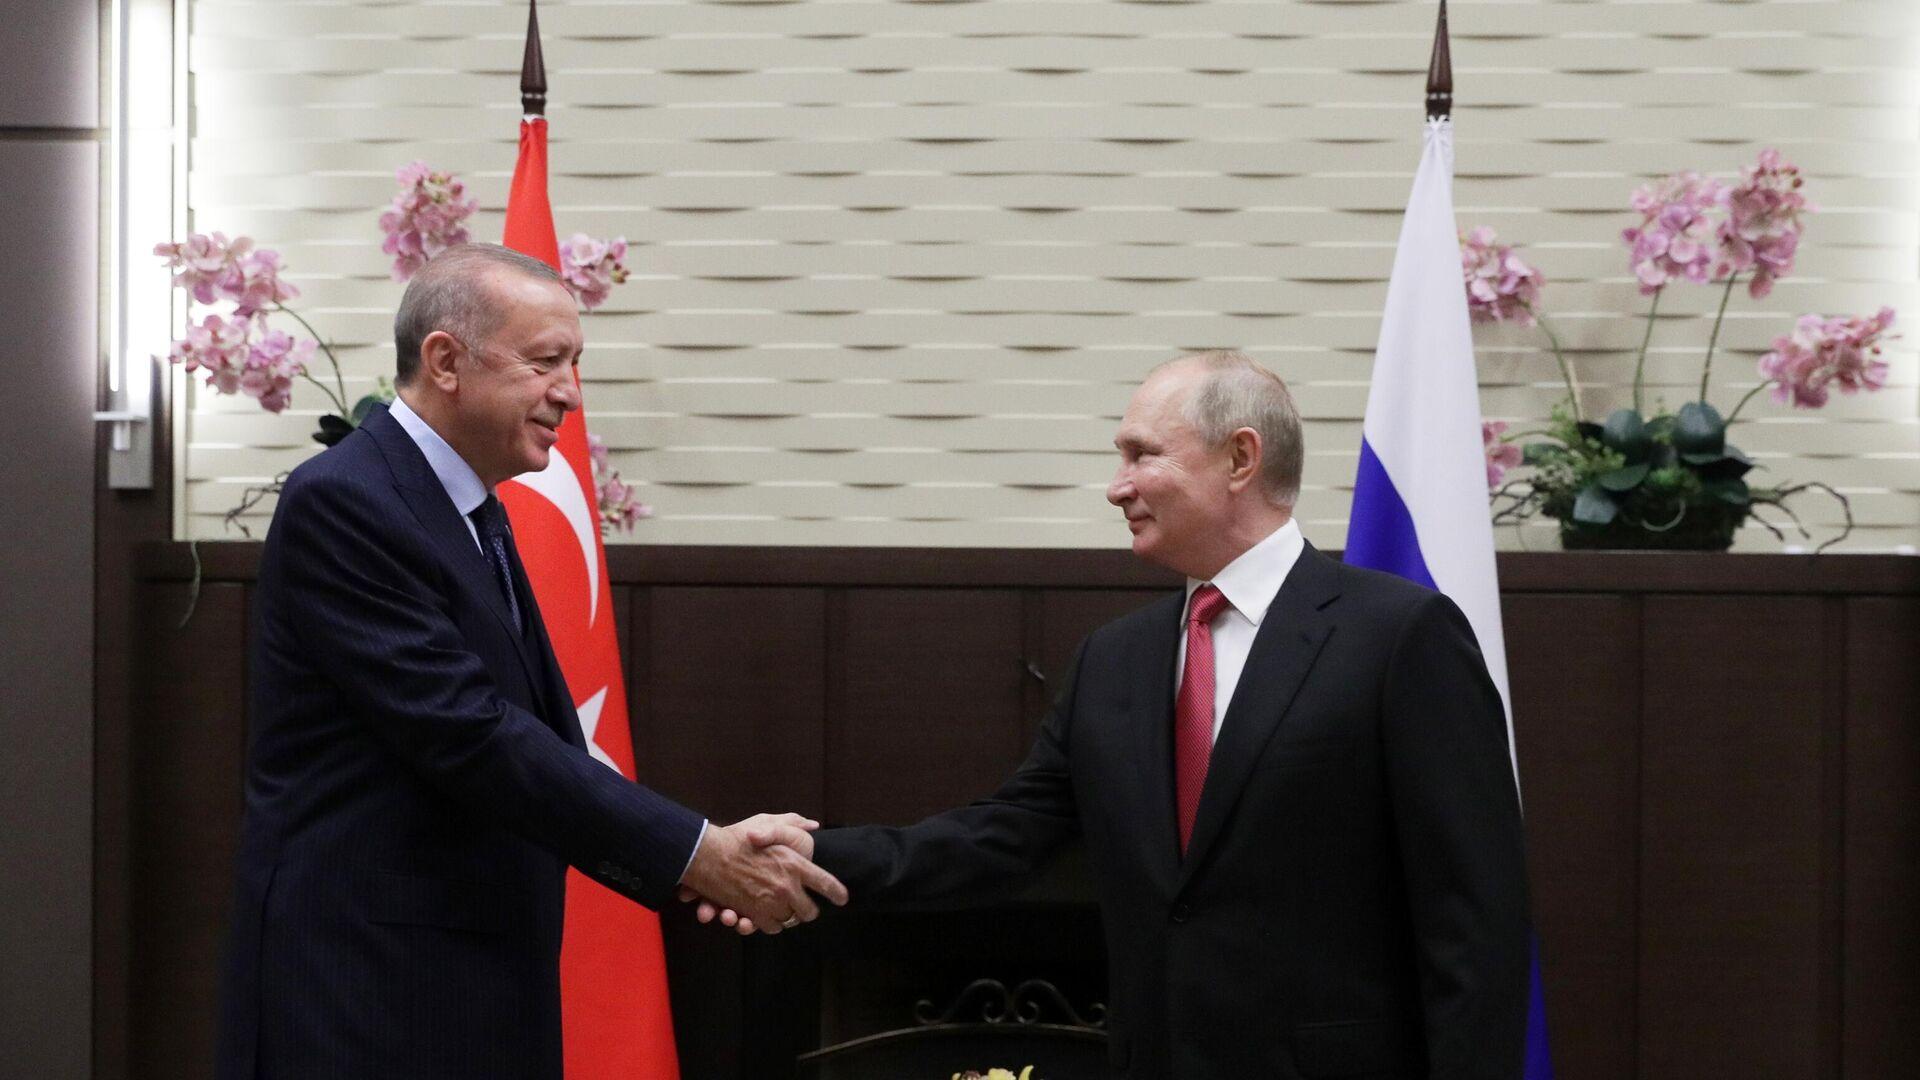 Президент РФ В. Путин провел переговоры с президентом Турции Р. Эрдоганом - Sputnik Azərbaycan, 1920, 02.10.2021